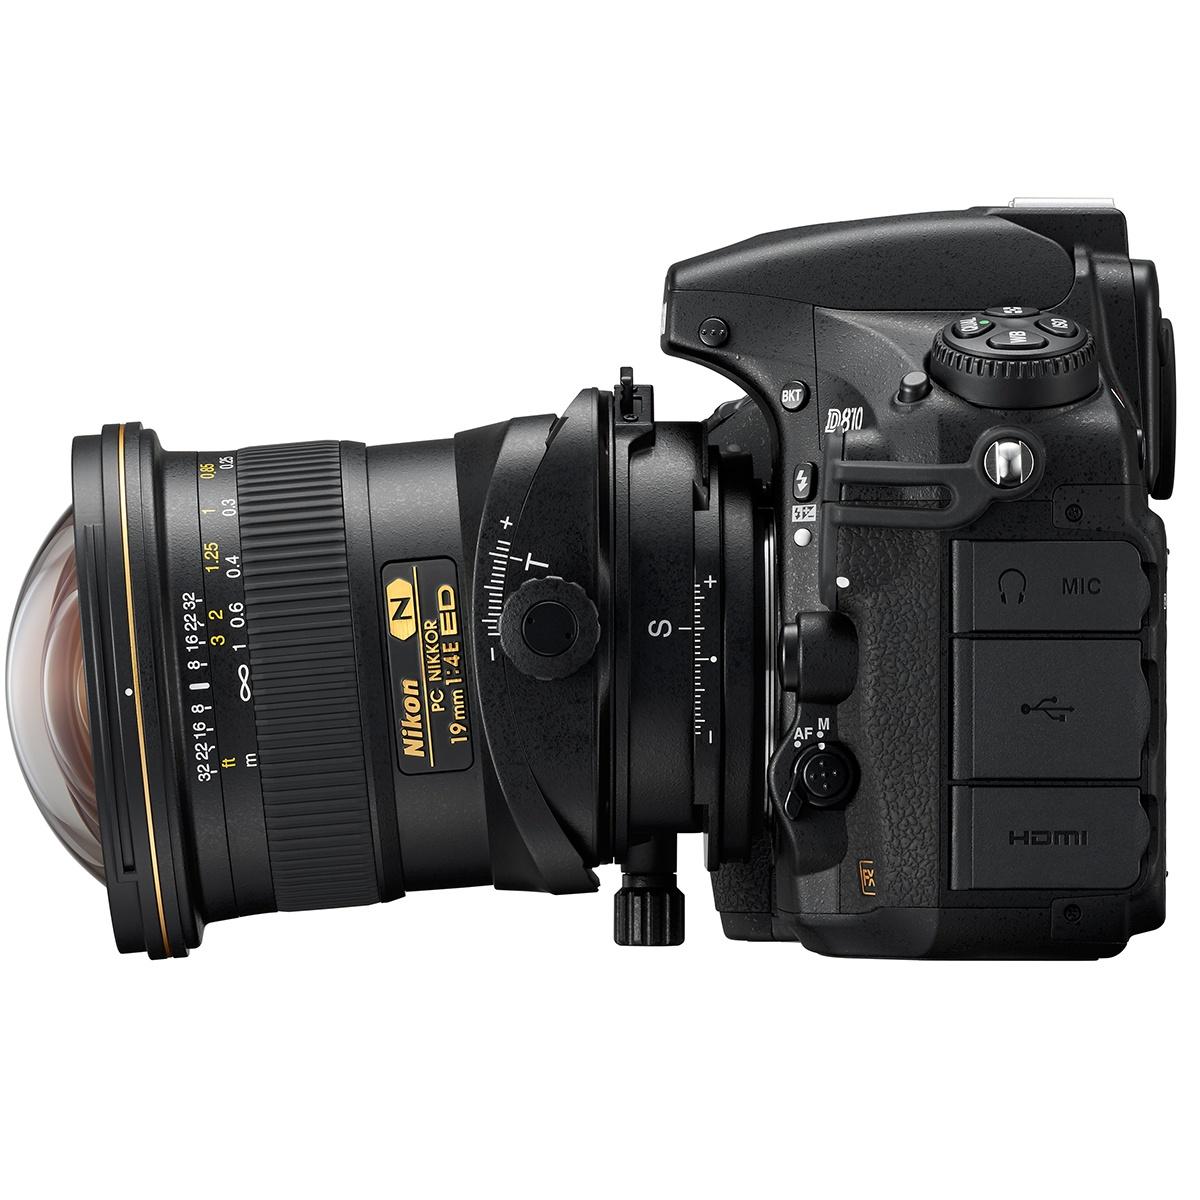 Nikon 19 mm 1:4,0 PC-E Nikkor E ED